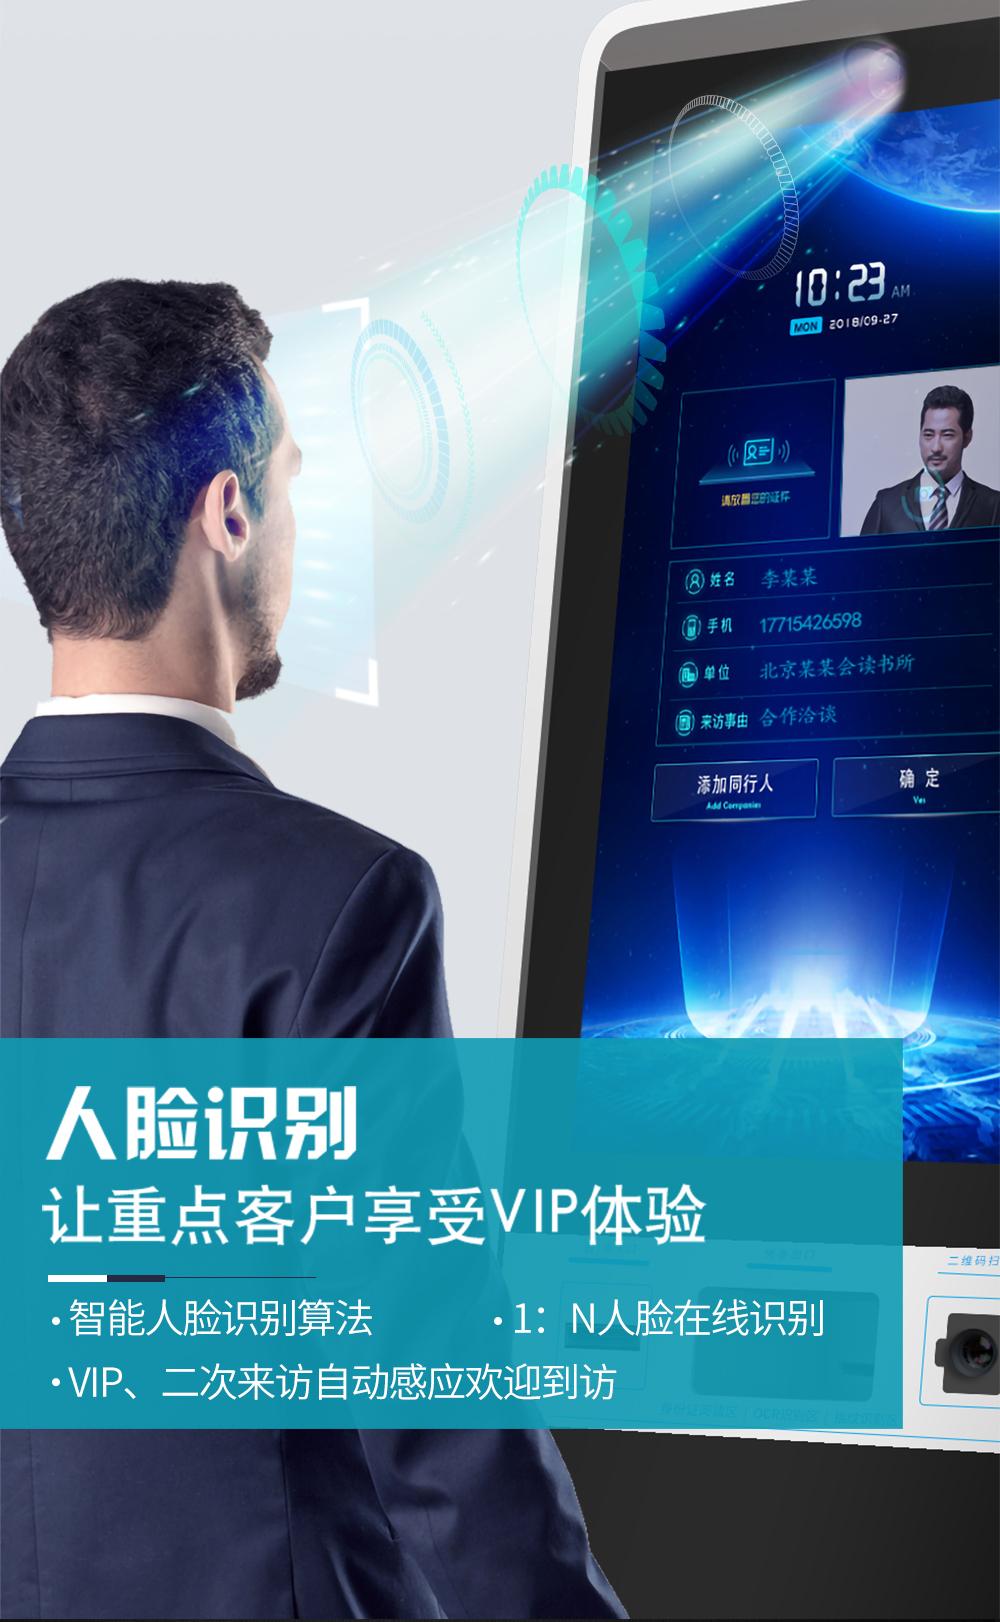 人脸识别:让重点客户享受VIP体验。智能人脸识别算法;1:N人脸在线识别;VIP、二次来访自动感应欢迎到访!